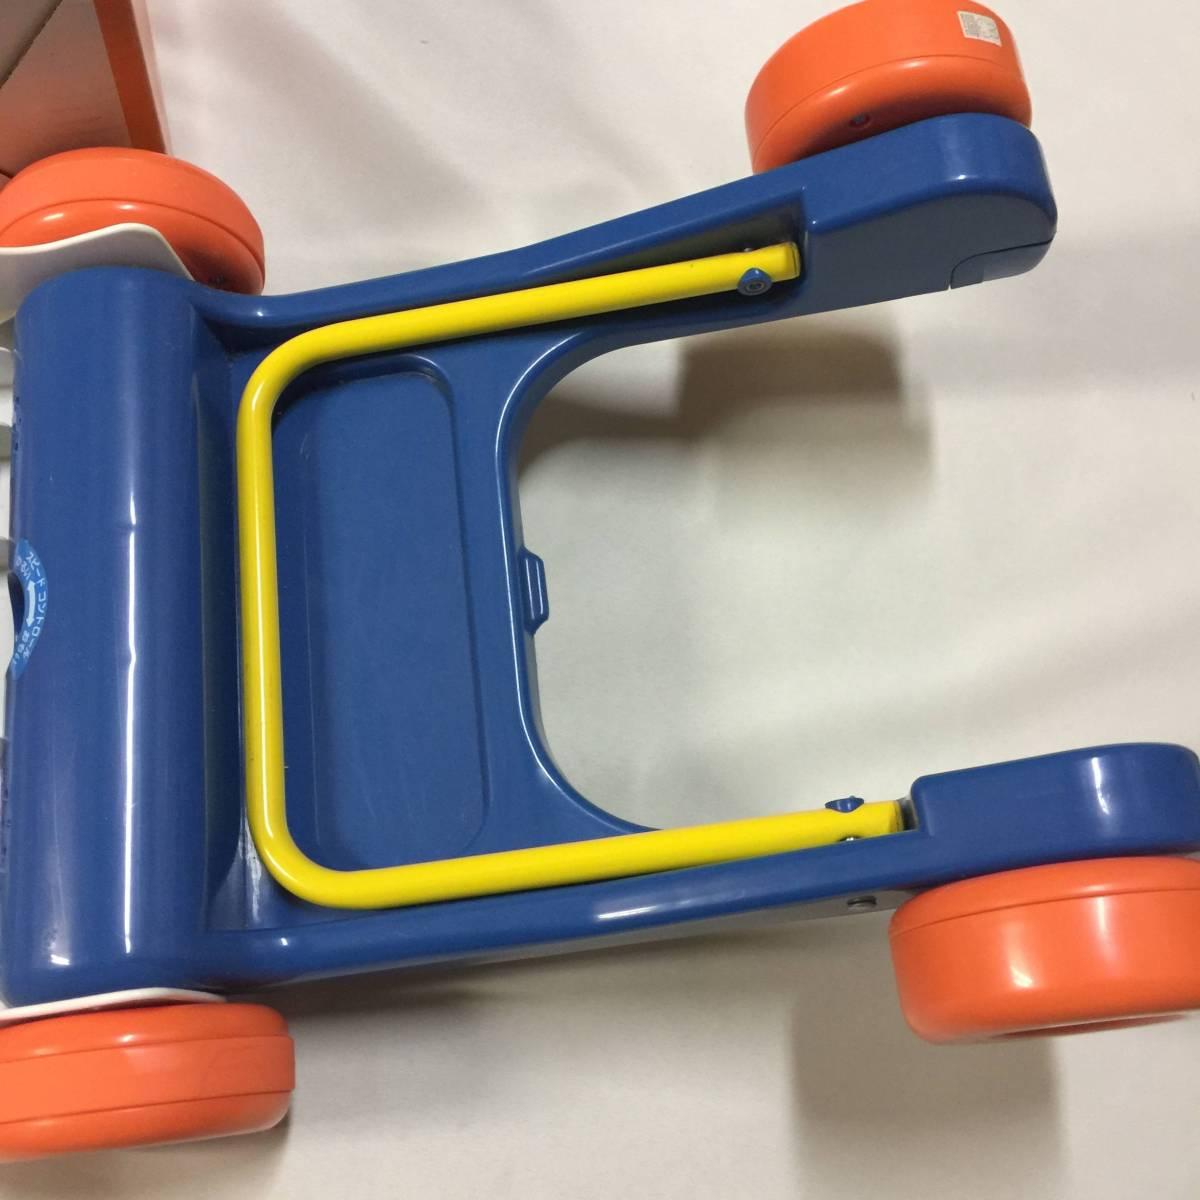 Miffy walker ミッフィー ウォーカー 押し車 手押し車 知育玩具 ides アイデス社製 8ヵ月~3歳_画像4